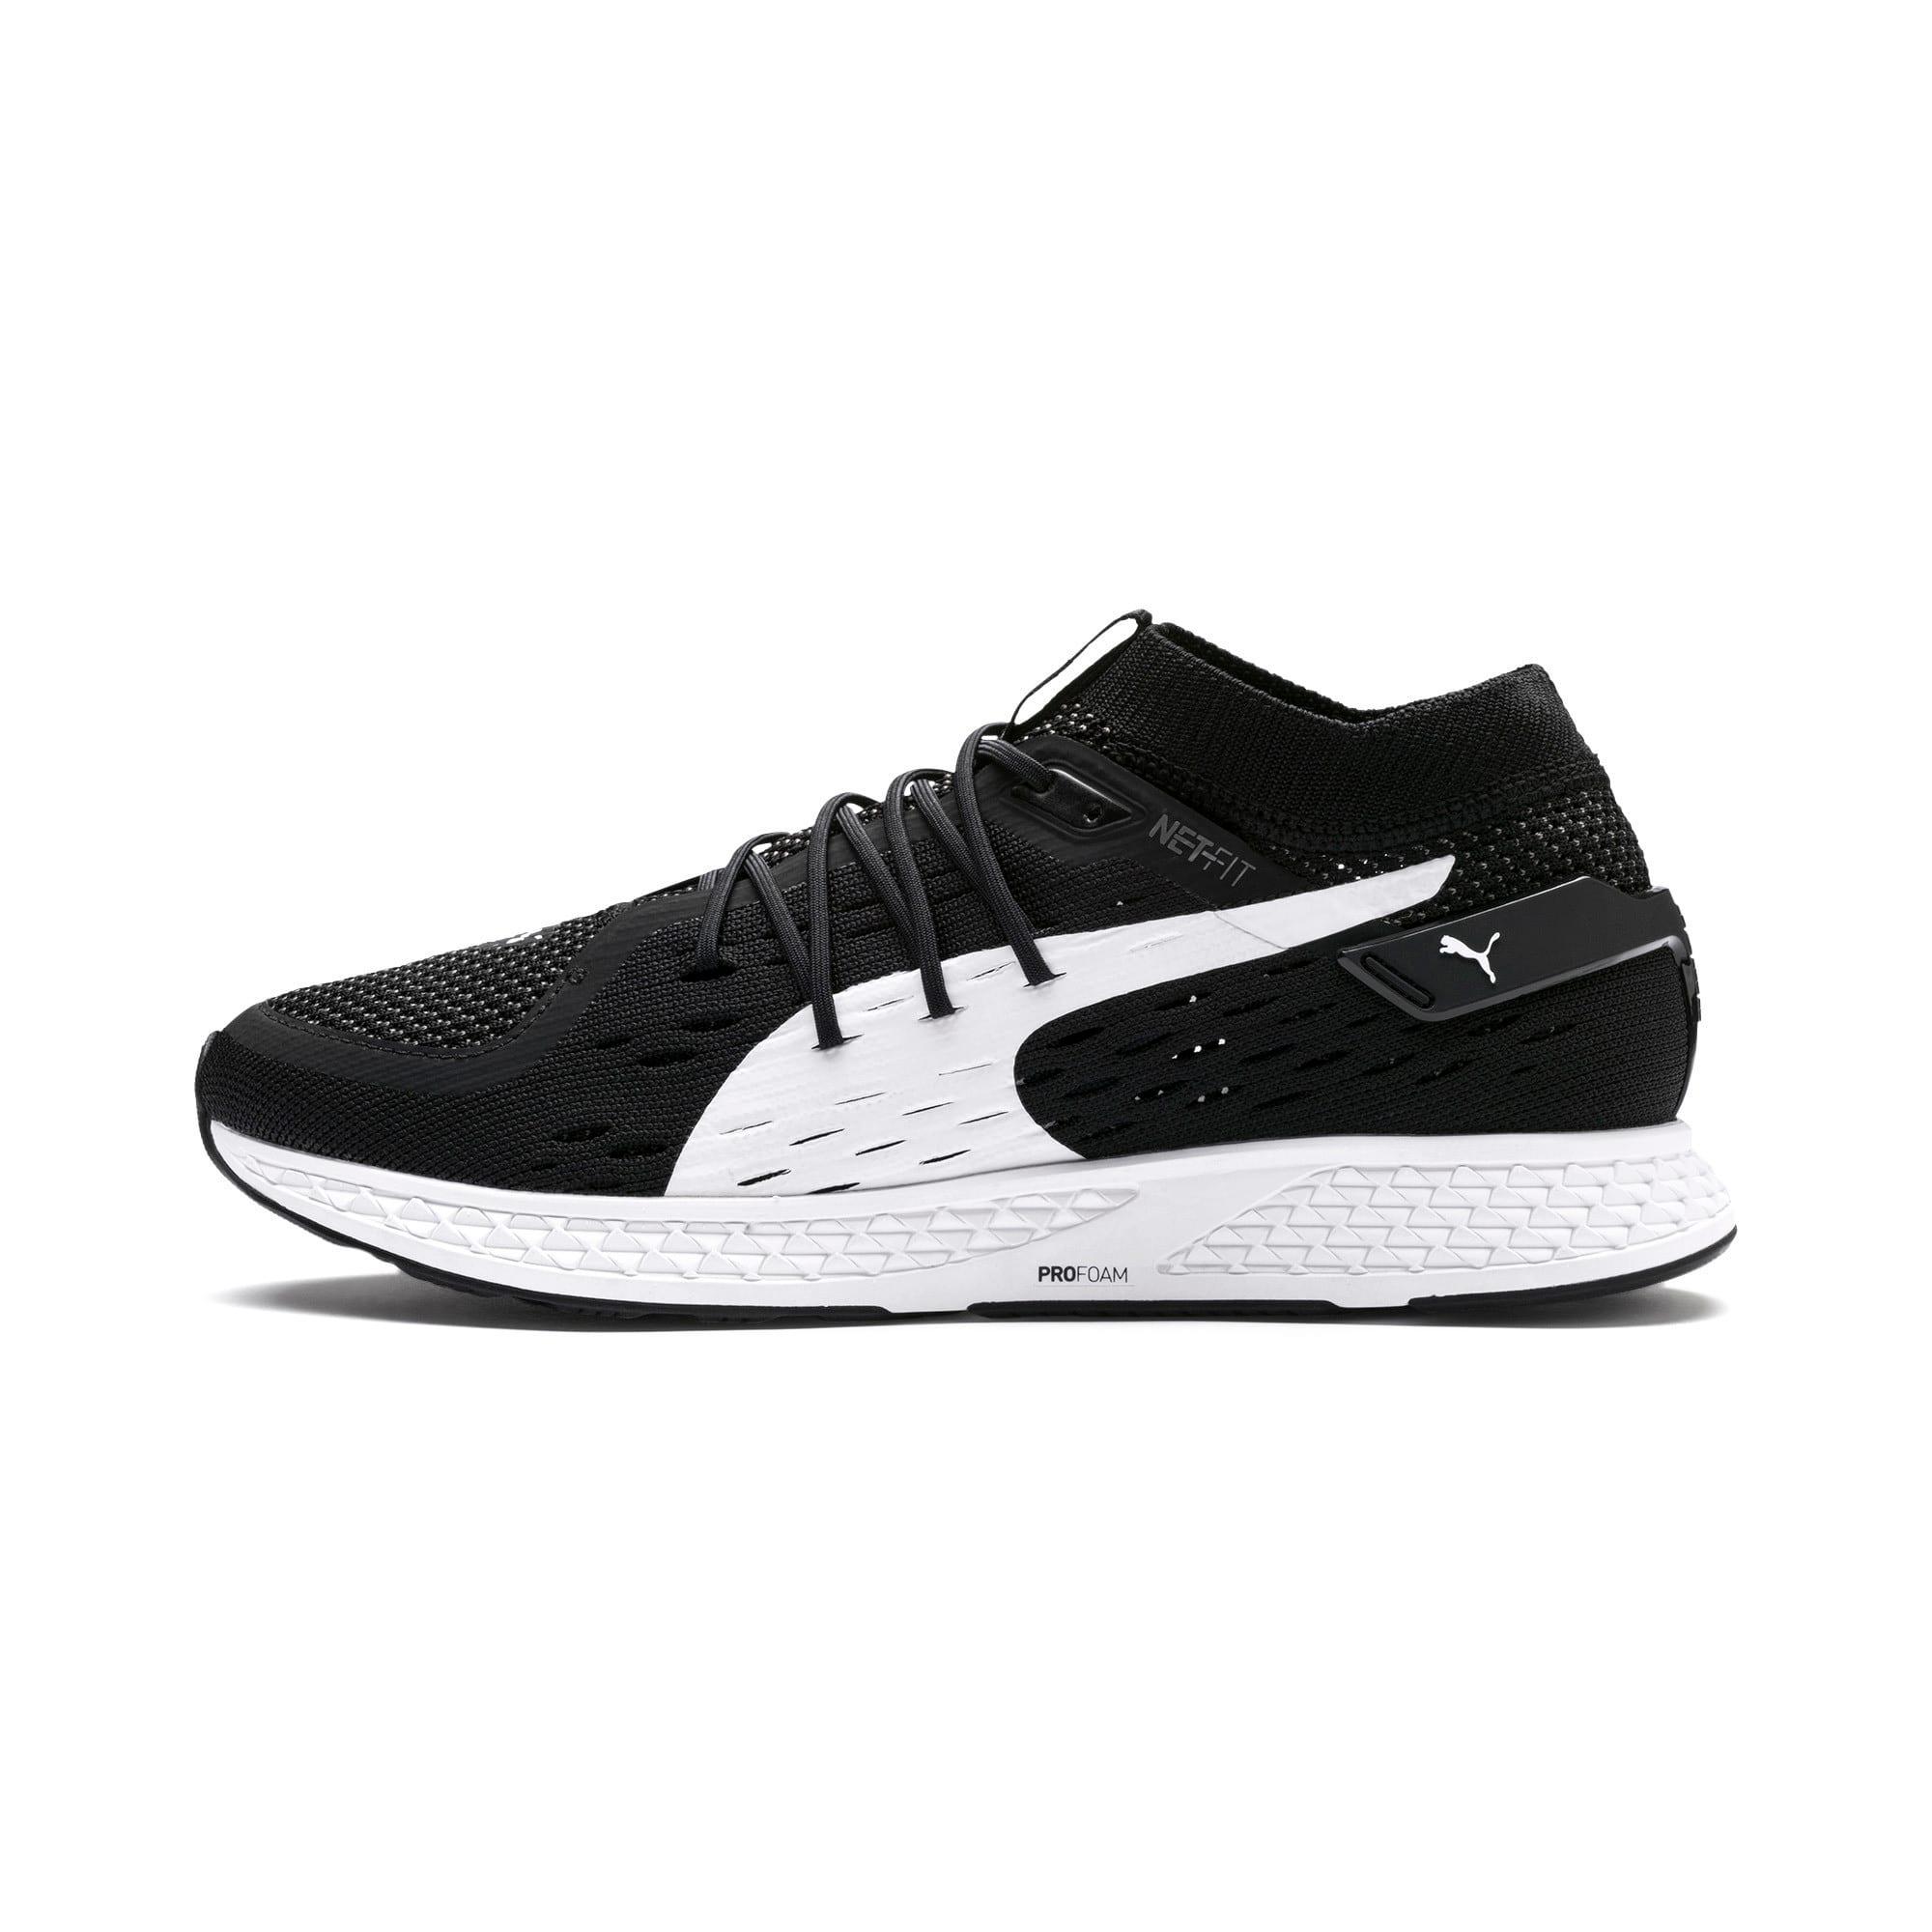 pas mal 89089 12c1f SPEED 500 Men's Running Shoes